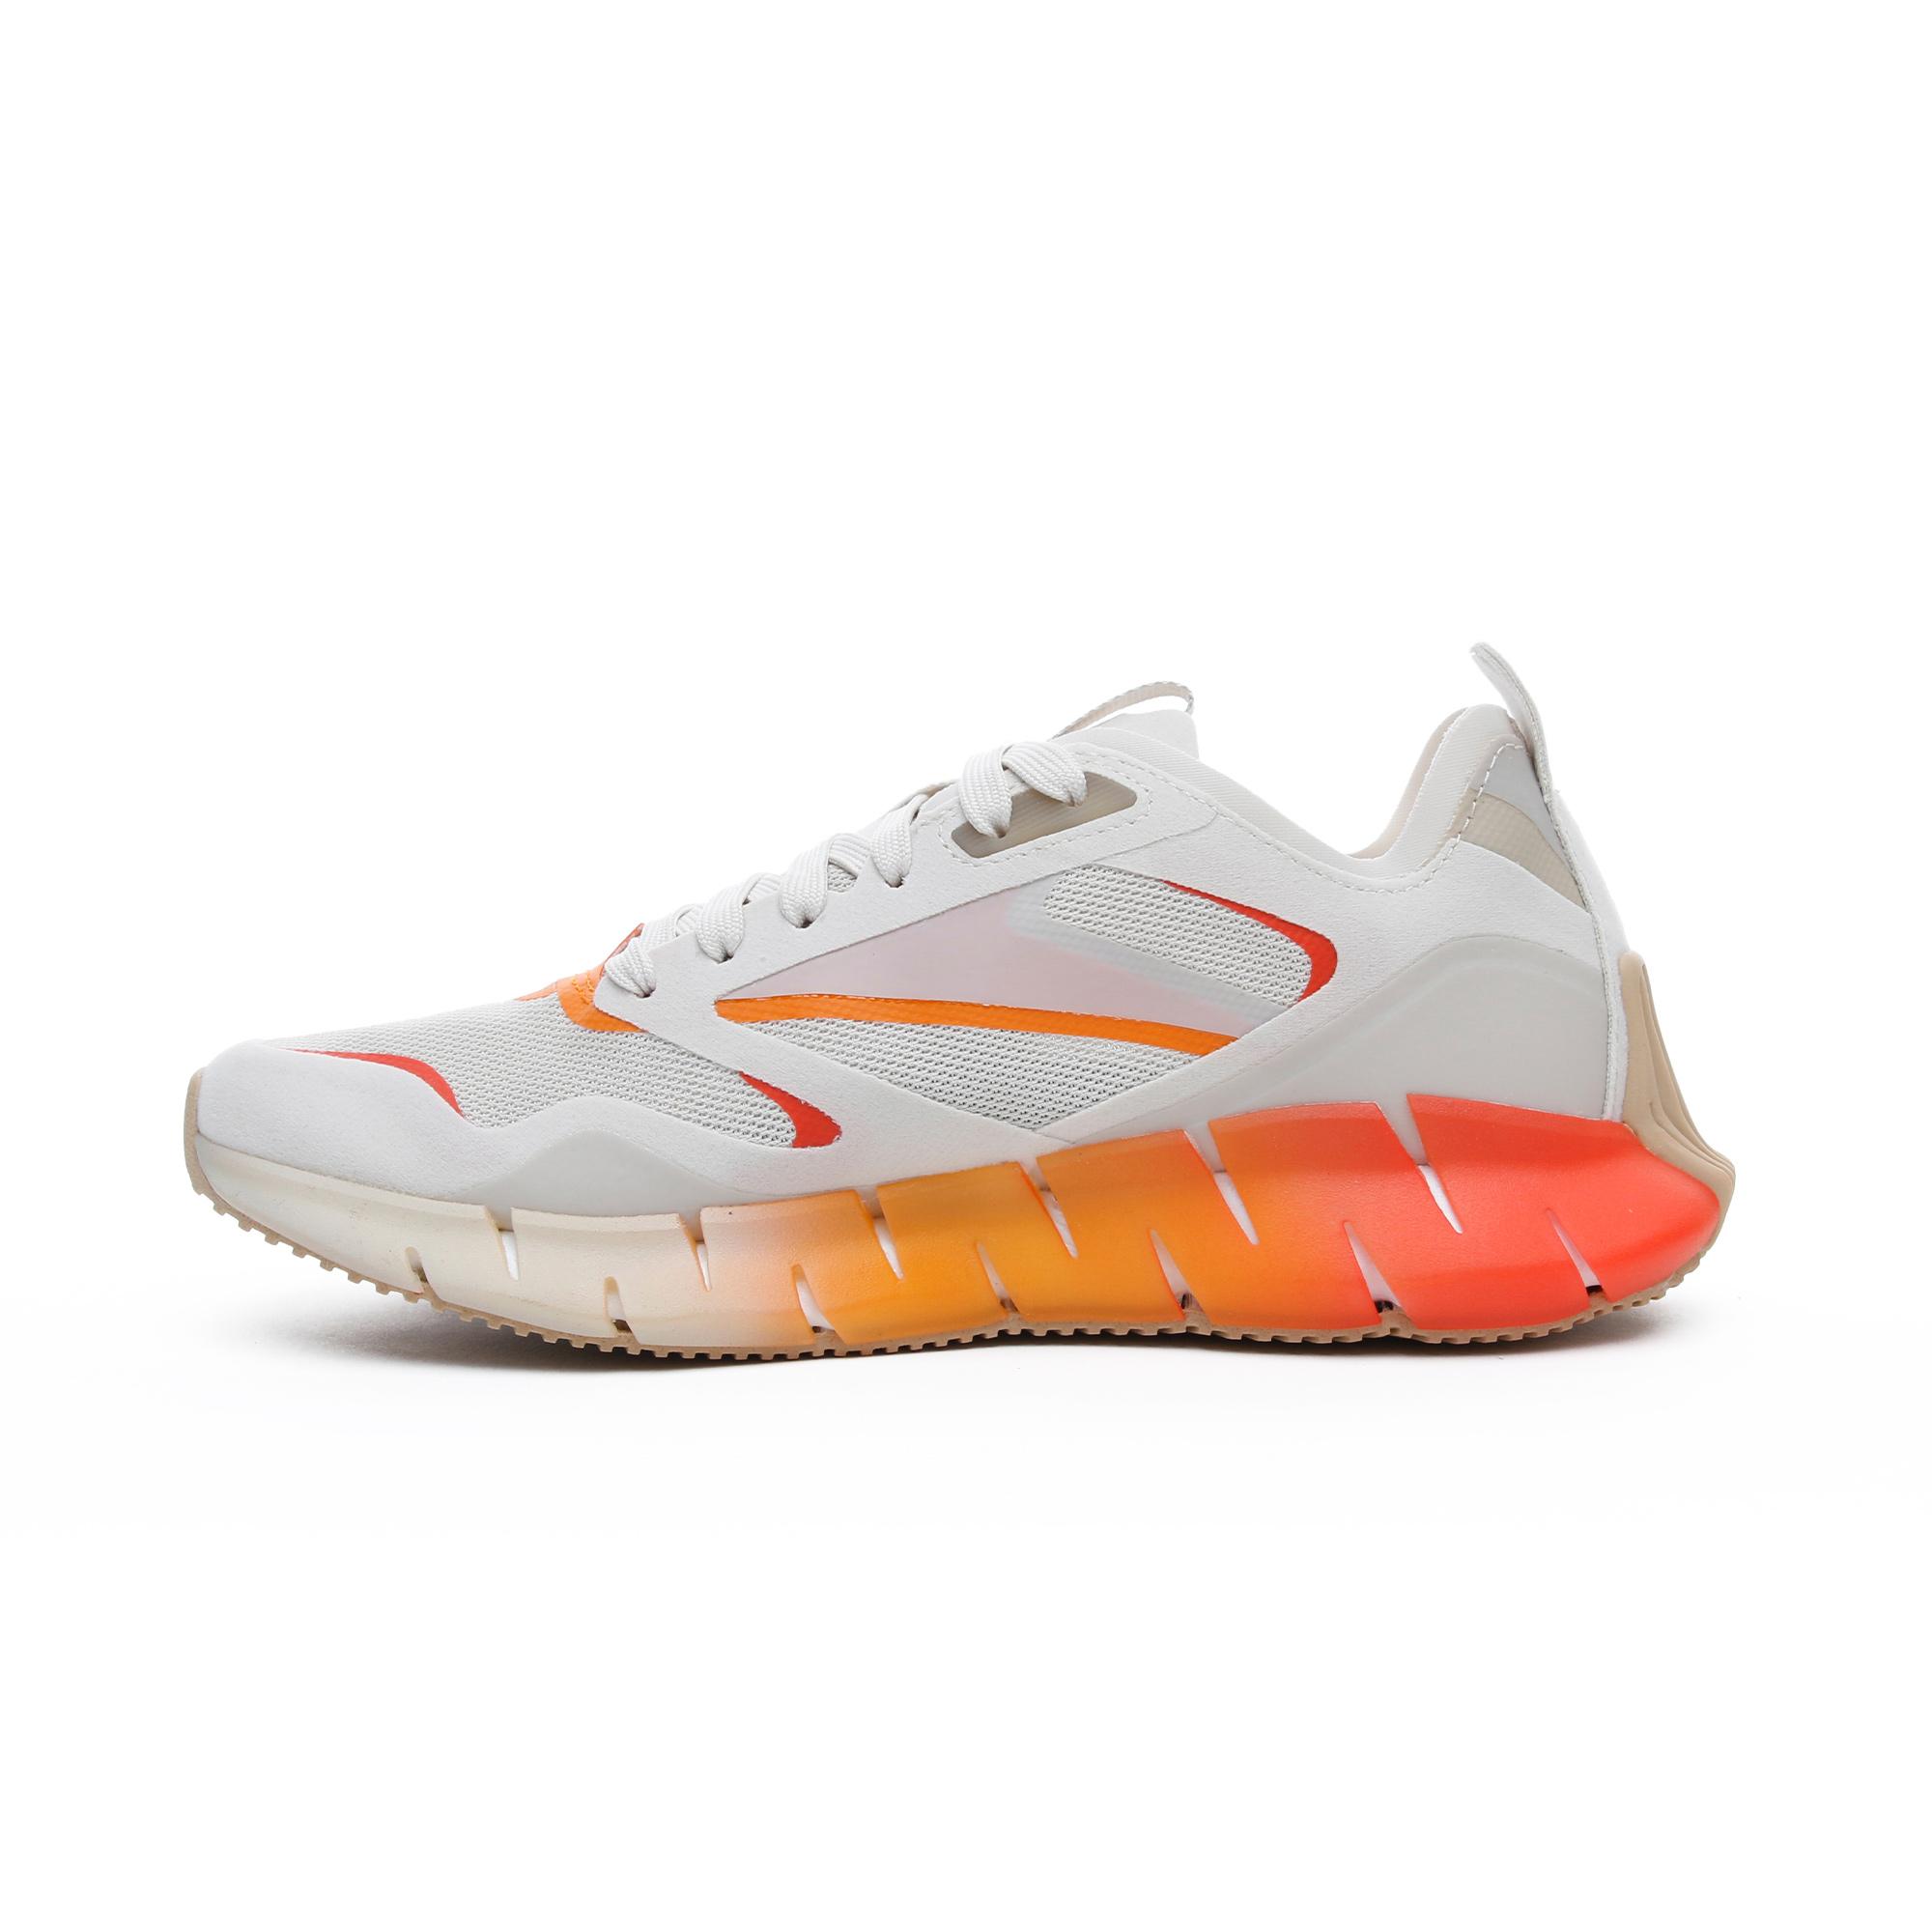 Reebok Zig Kinetica Horizon Kadın Spor Ayakkabı